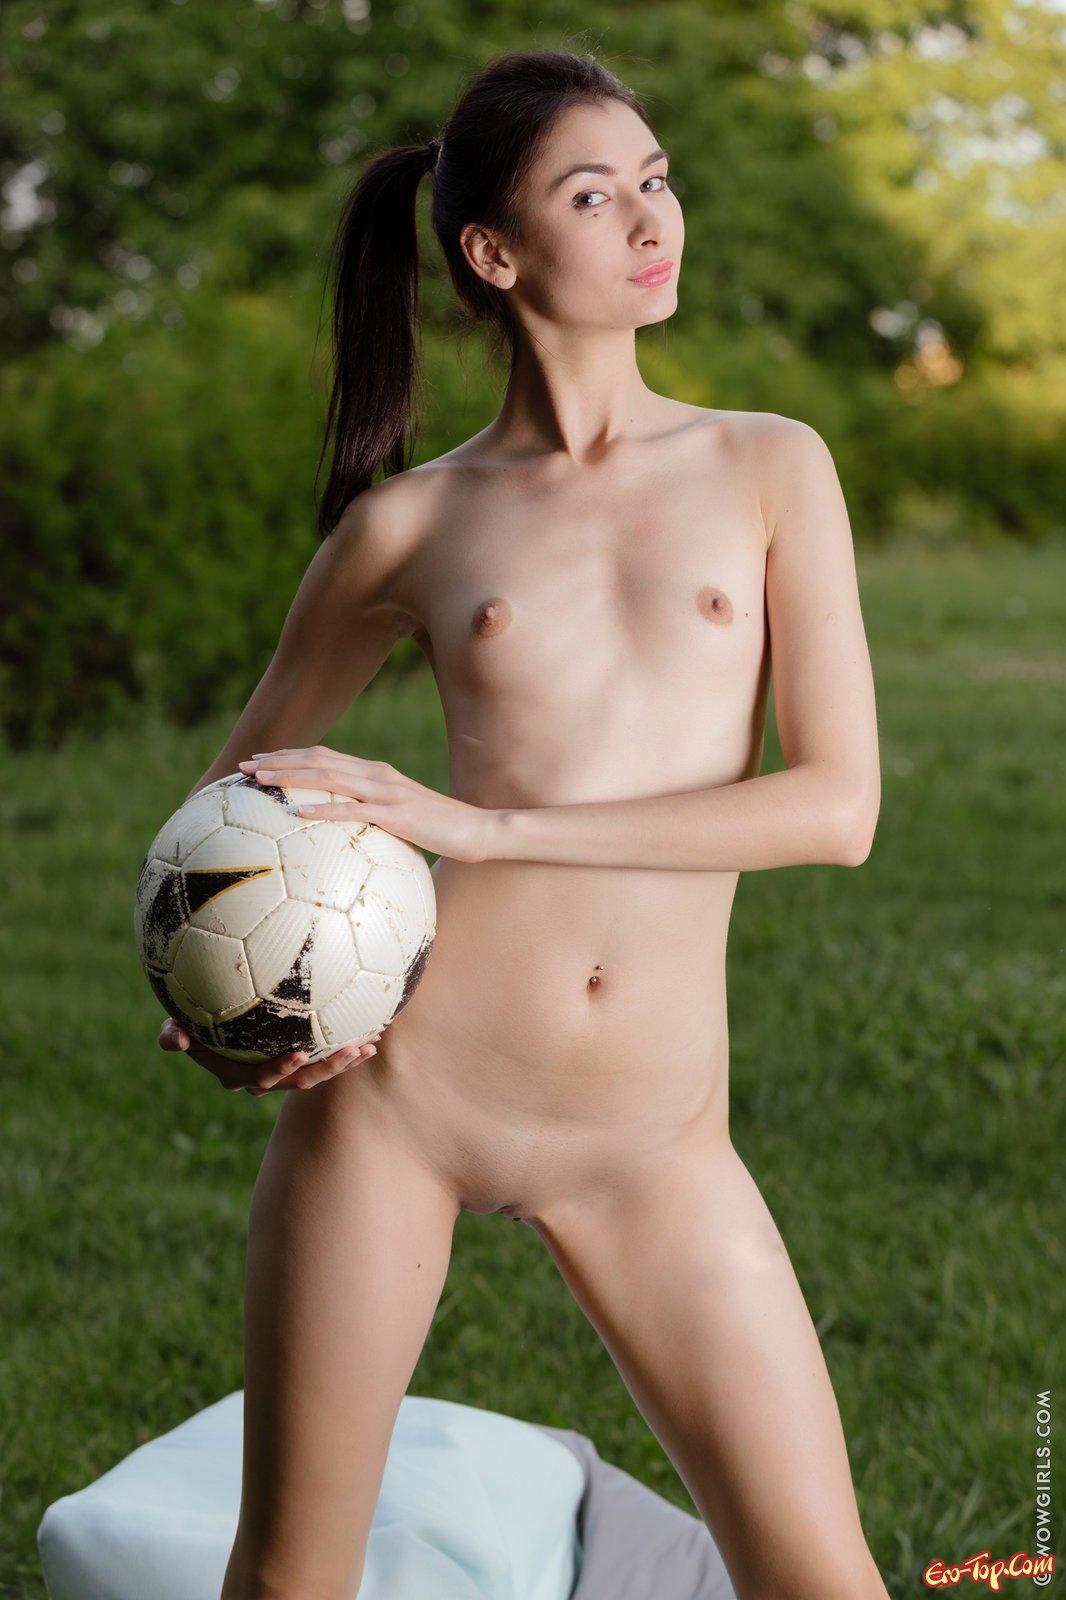 Нагая футболистка с мячом